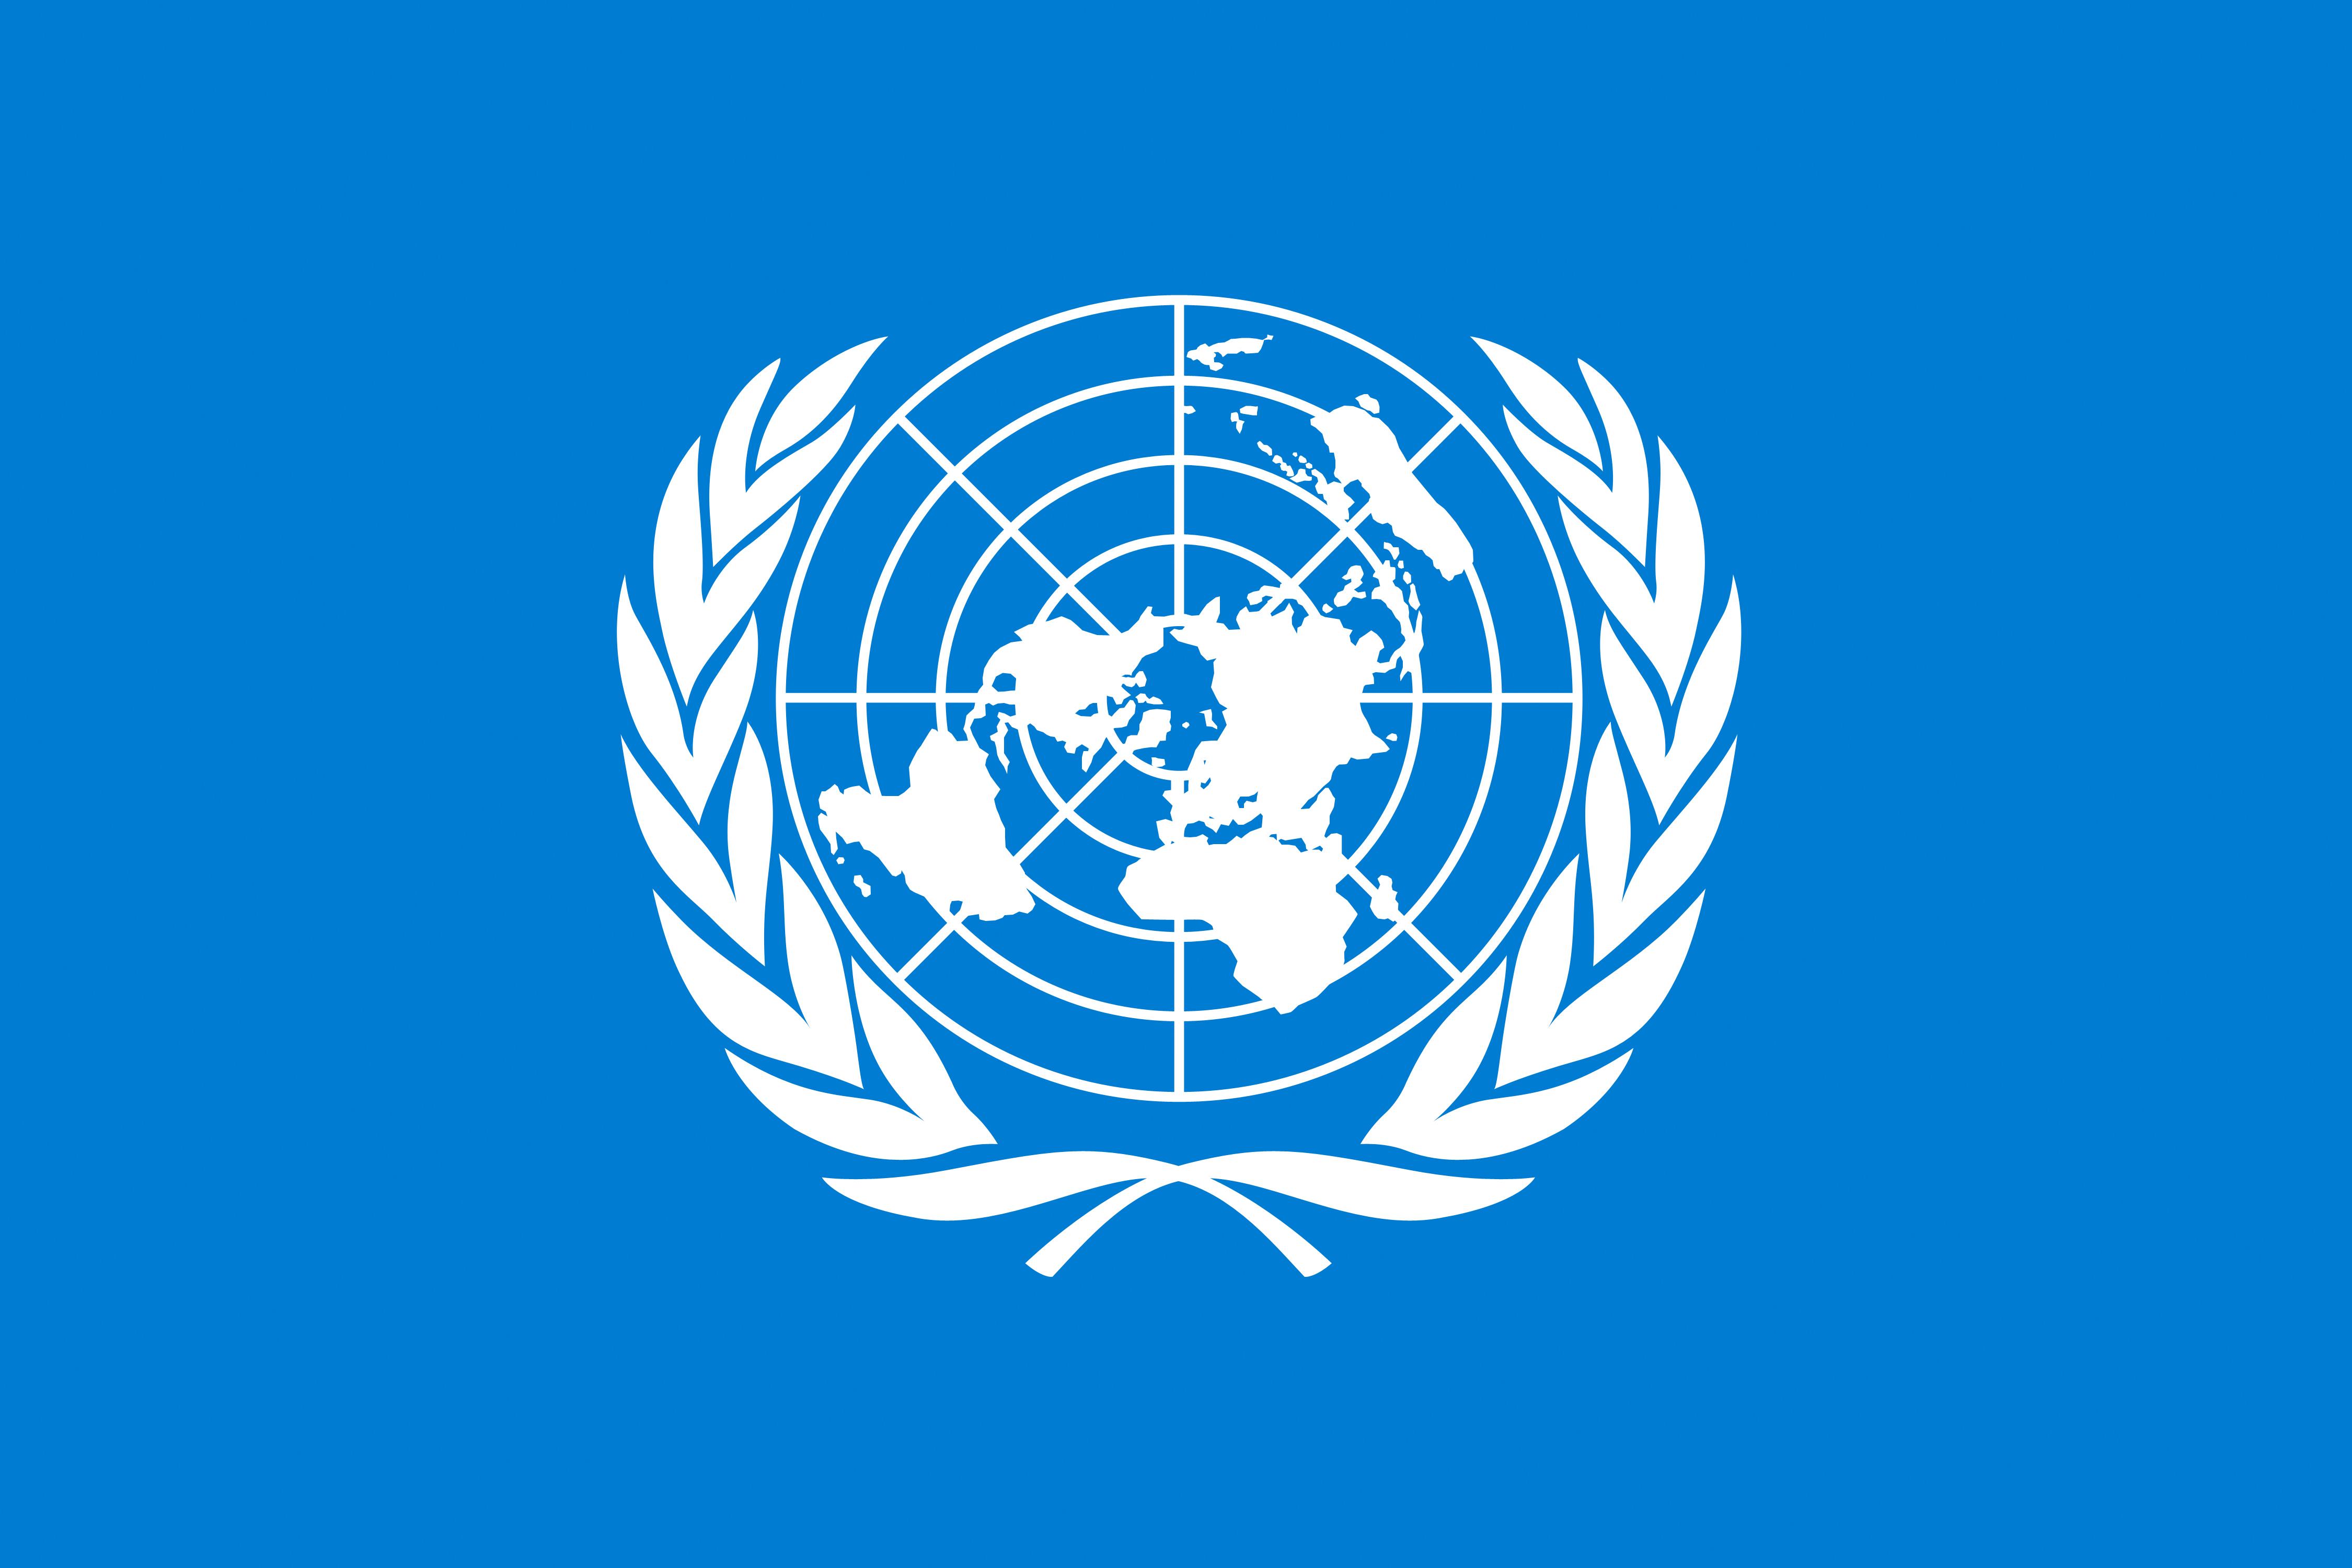 Венская конвенция ООН о дорожном движении